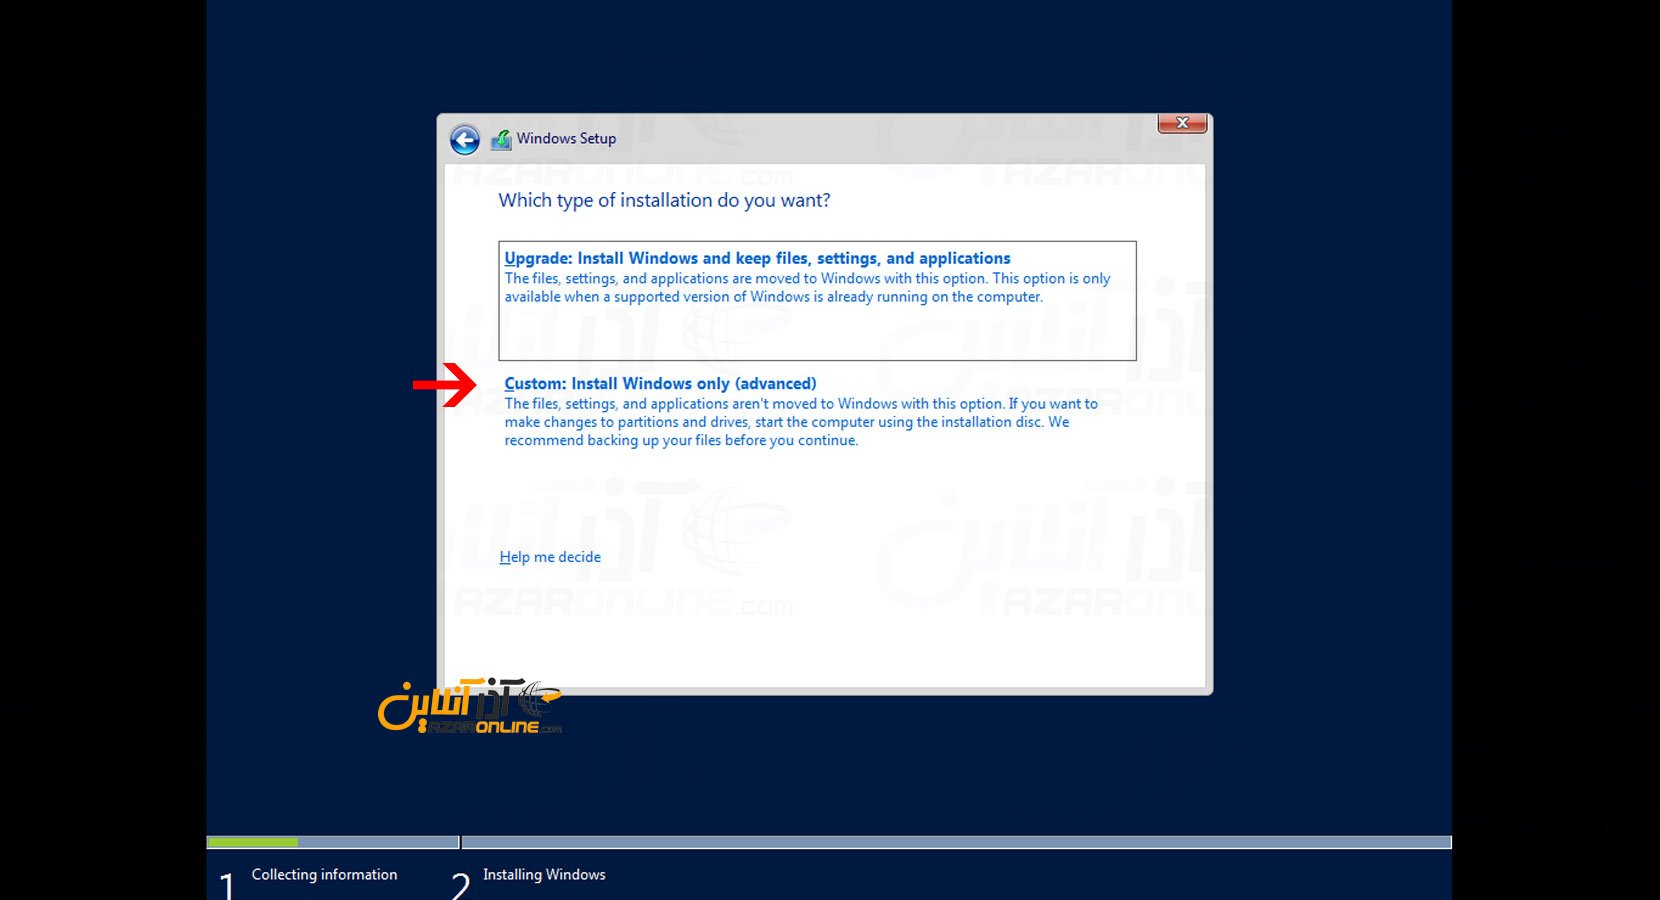 آموزش نصب ویندوز سرور 2016 در vmware - نصب سفارشی